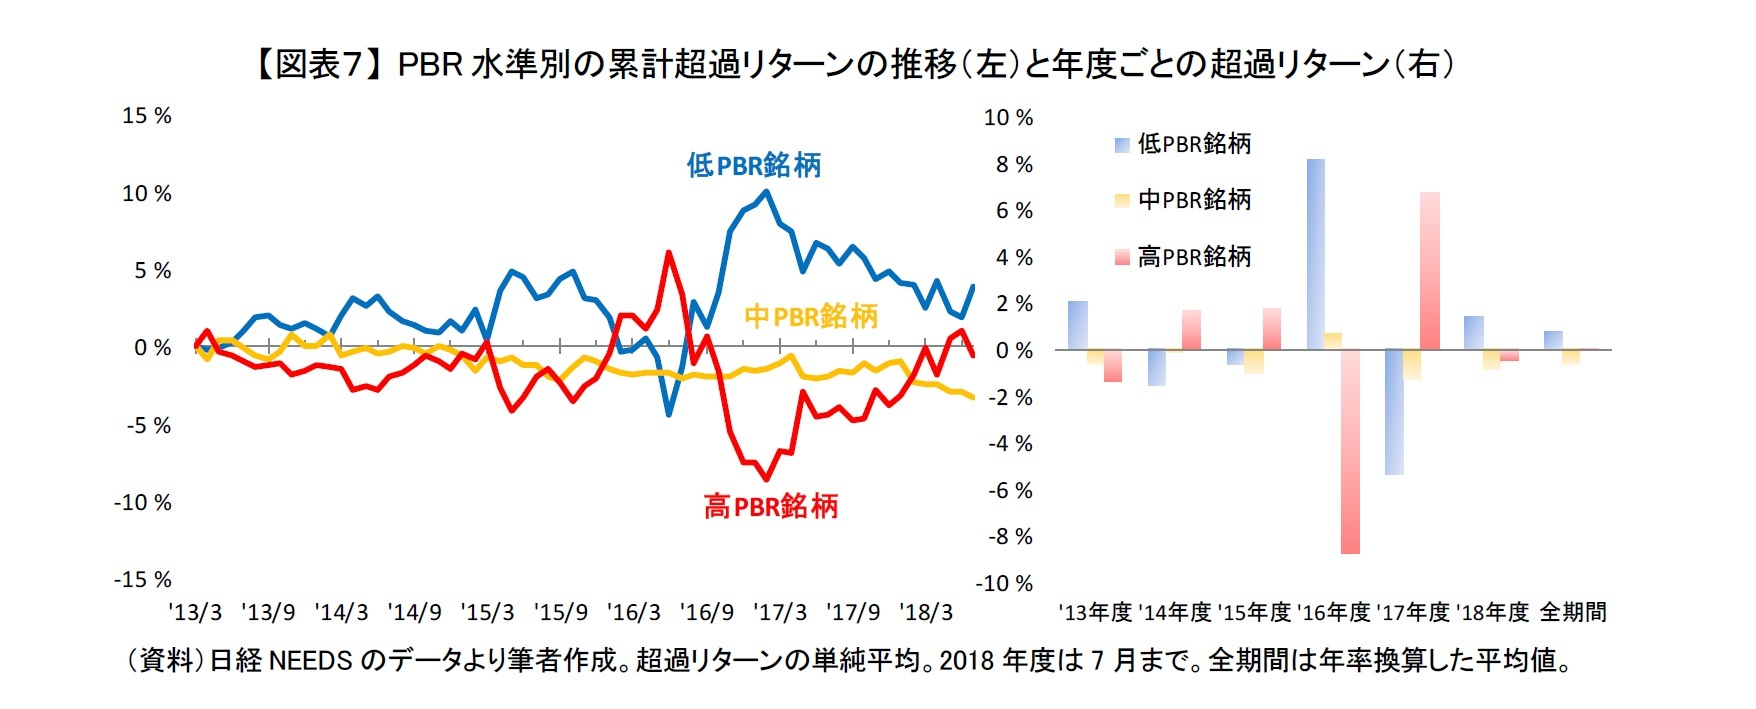 【図表7】 PBR水準別の累計超過リターンの推移(左)と年度ごとの超過リターン(右)